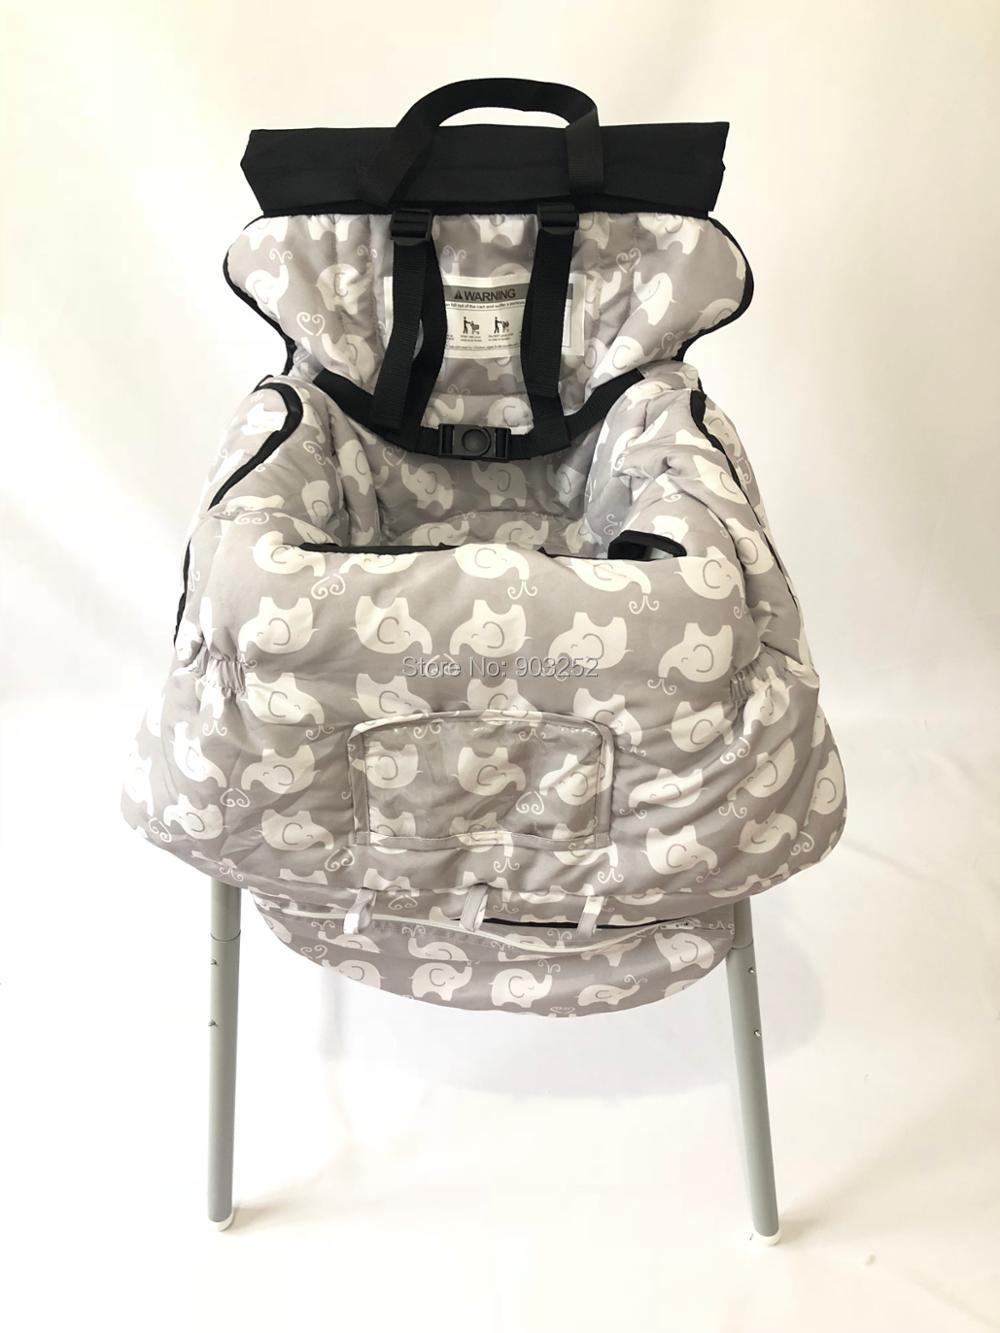 Чехол на колесиках с изображением совы и слона и чехол для стульчика для малышей и младенцев с прозрачным карманом